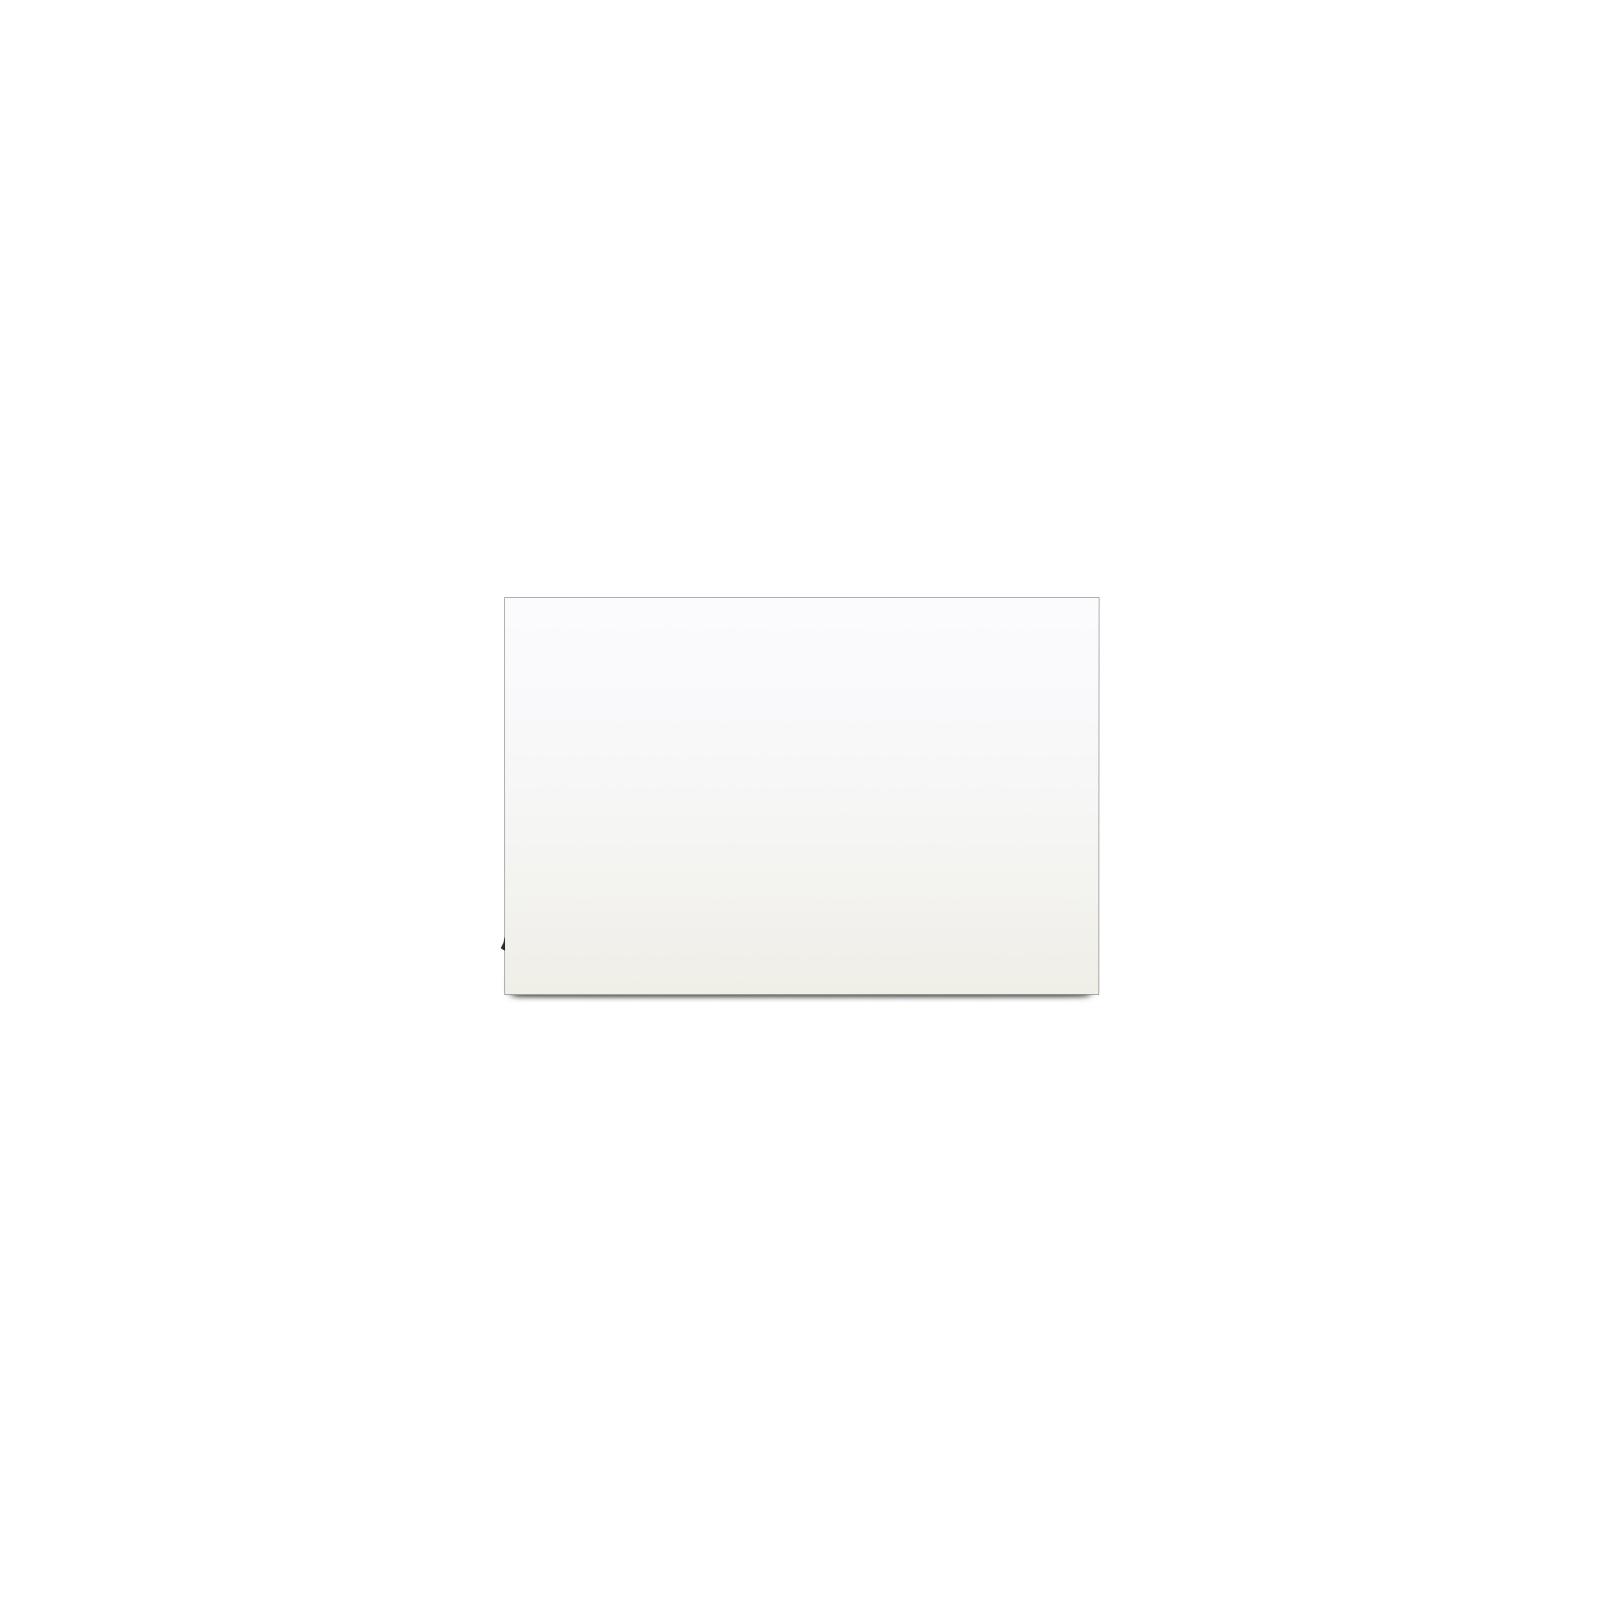 Обігрівач Teploceramic ТСМ 600 (692168) зображення 2